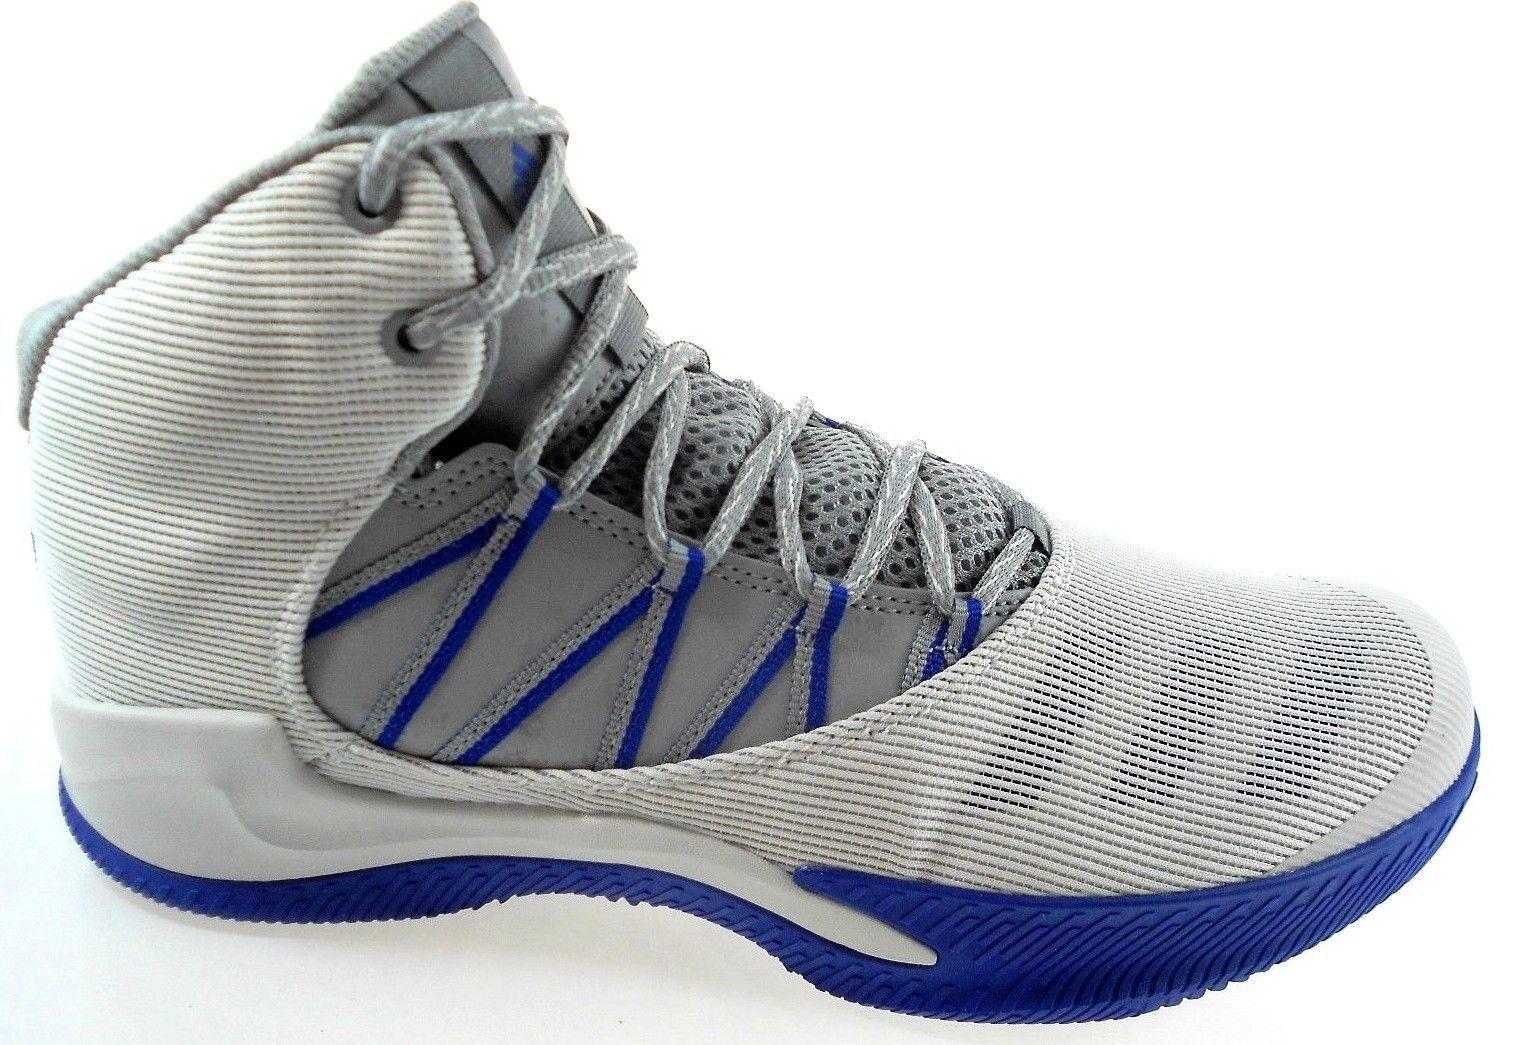 new york b6a86 4108c ... sweden adidas infiltrar hombres gris azul zapatillas talla de baloncesto  by4226 talla zapatillas 13 el modelo